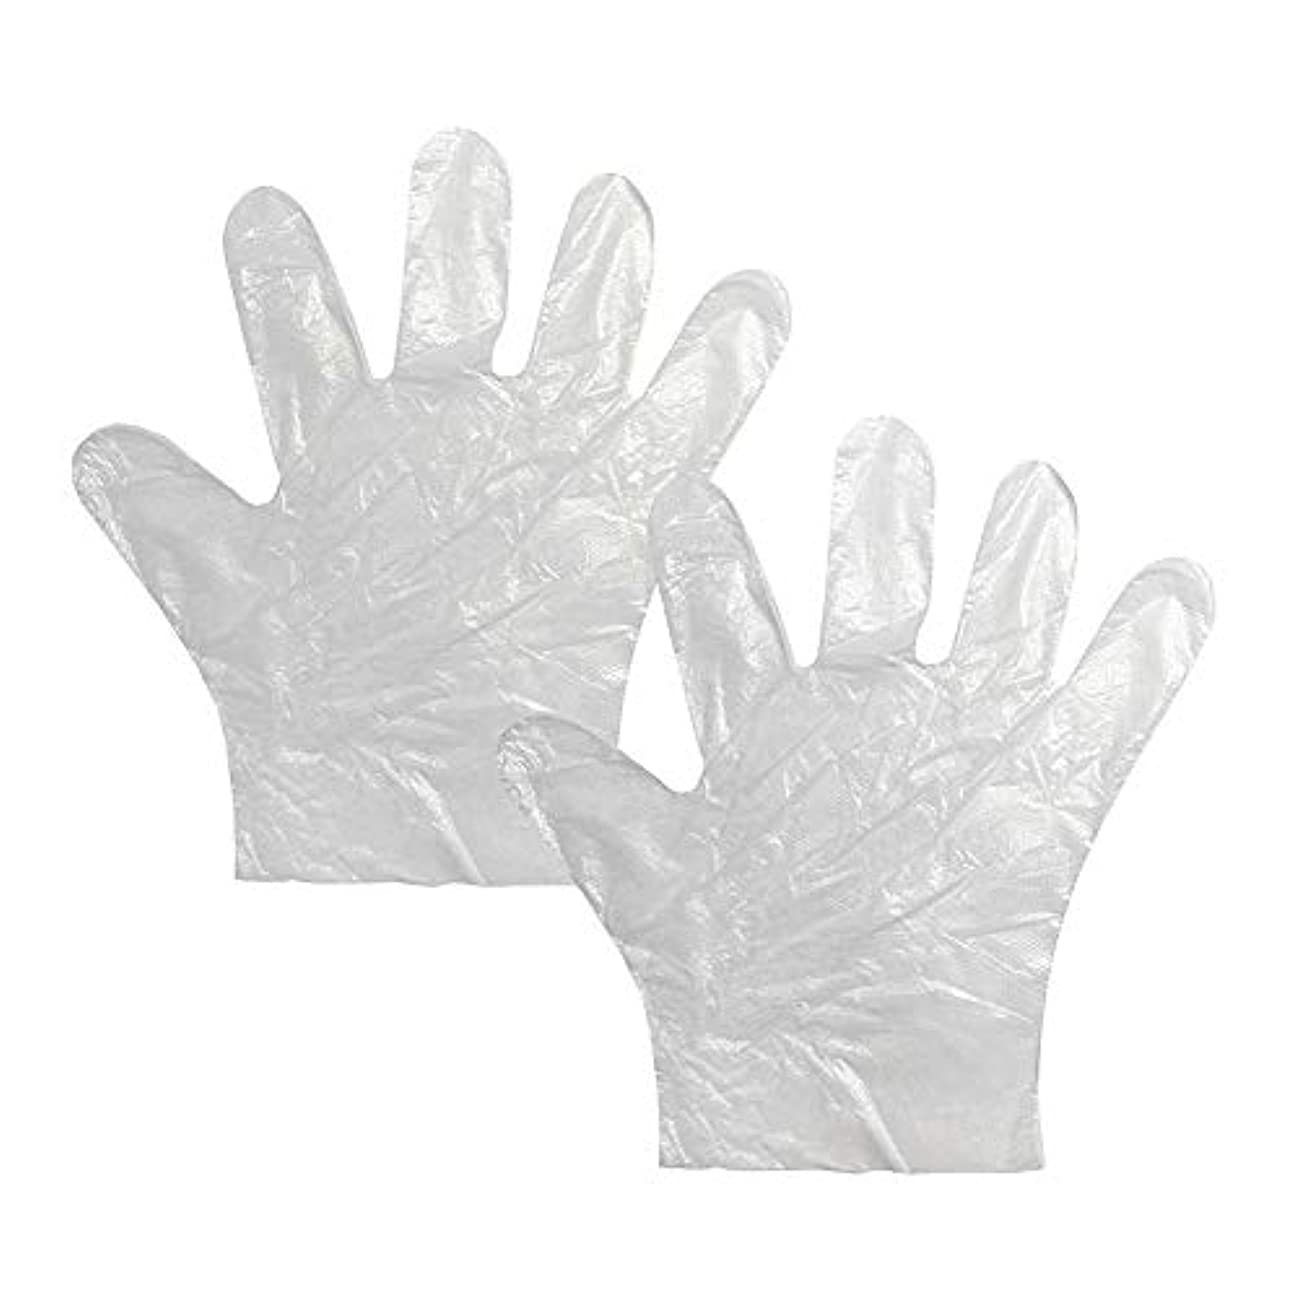 信頼性幼児害KUKUYA(ククヤ) 使い捨て手袋 極薄ビニール手袋 ポリエチレン 透明 実用 衛生 100枚*2セット